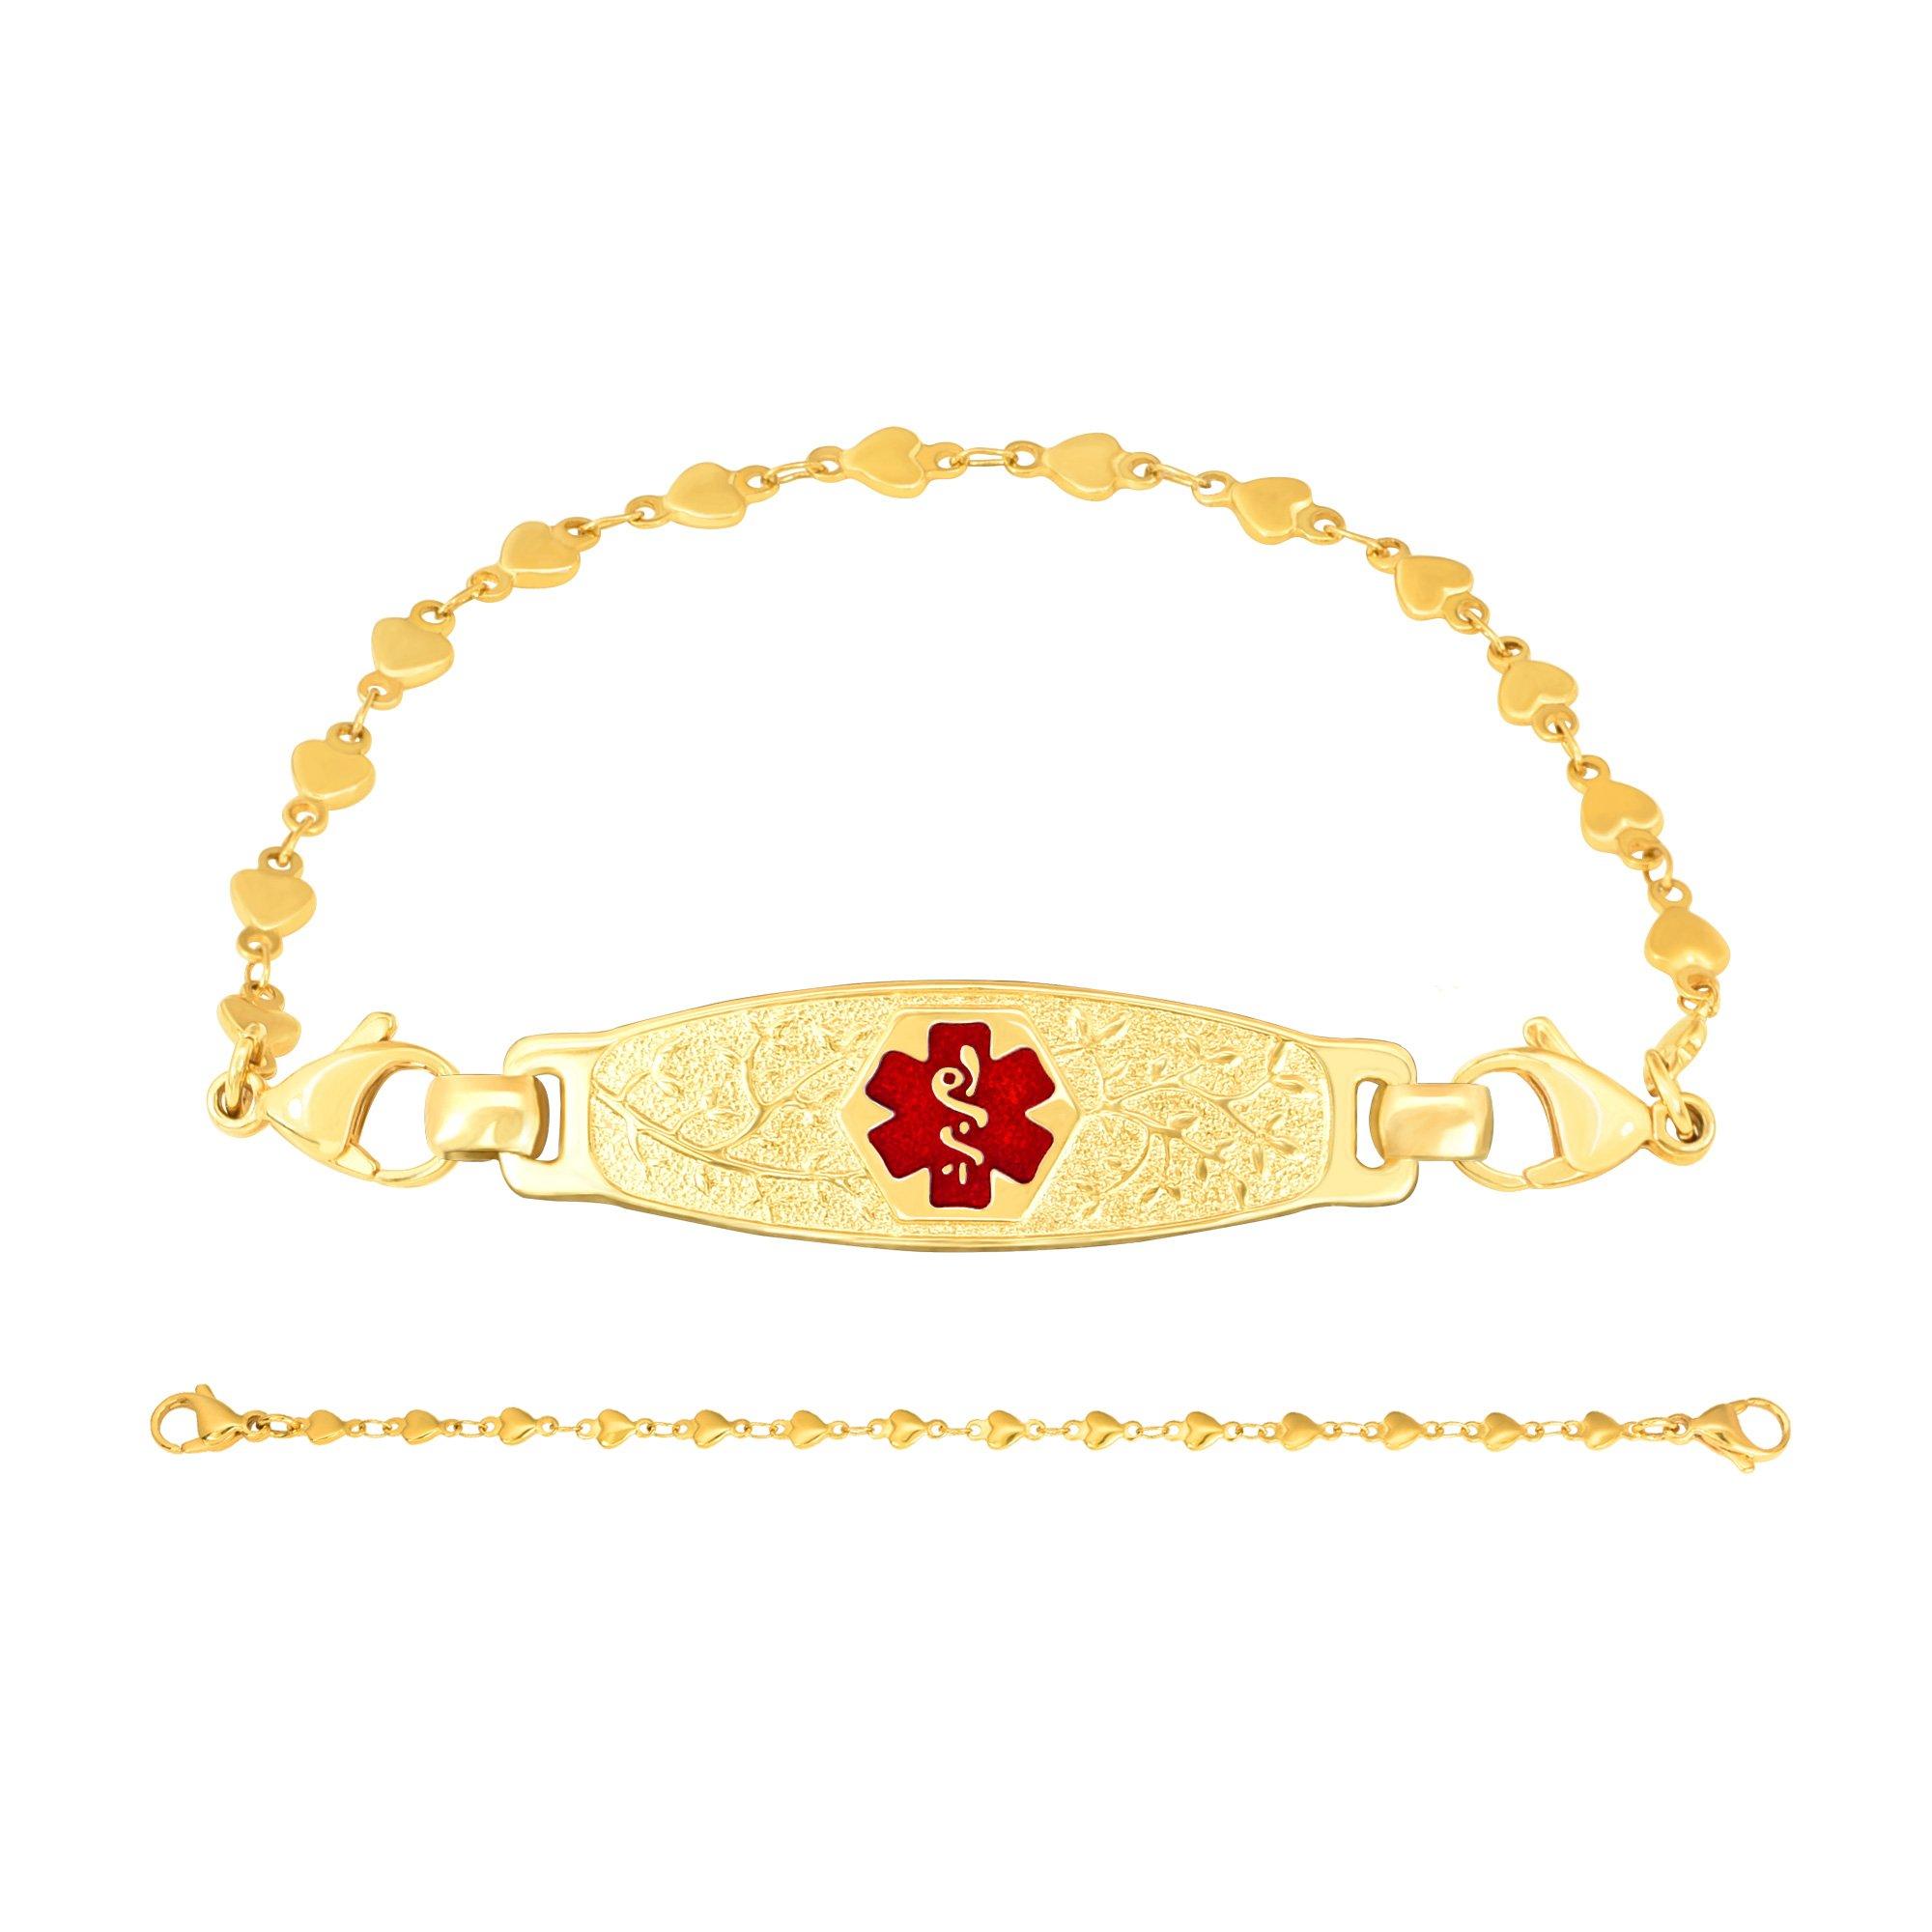 Divoti Custom Engraved PVD Gold Elegant Olive Medical Alert Bracelet -PVD Gold Heart Link-TP Red-7.0''